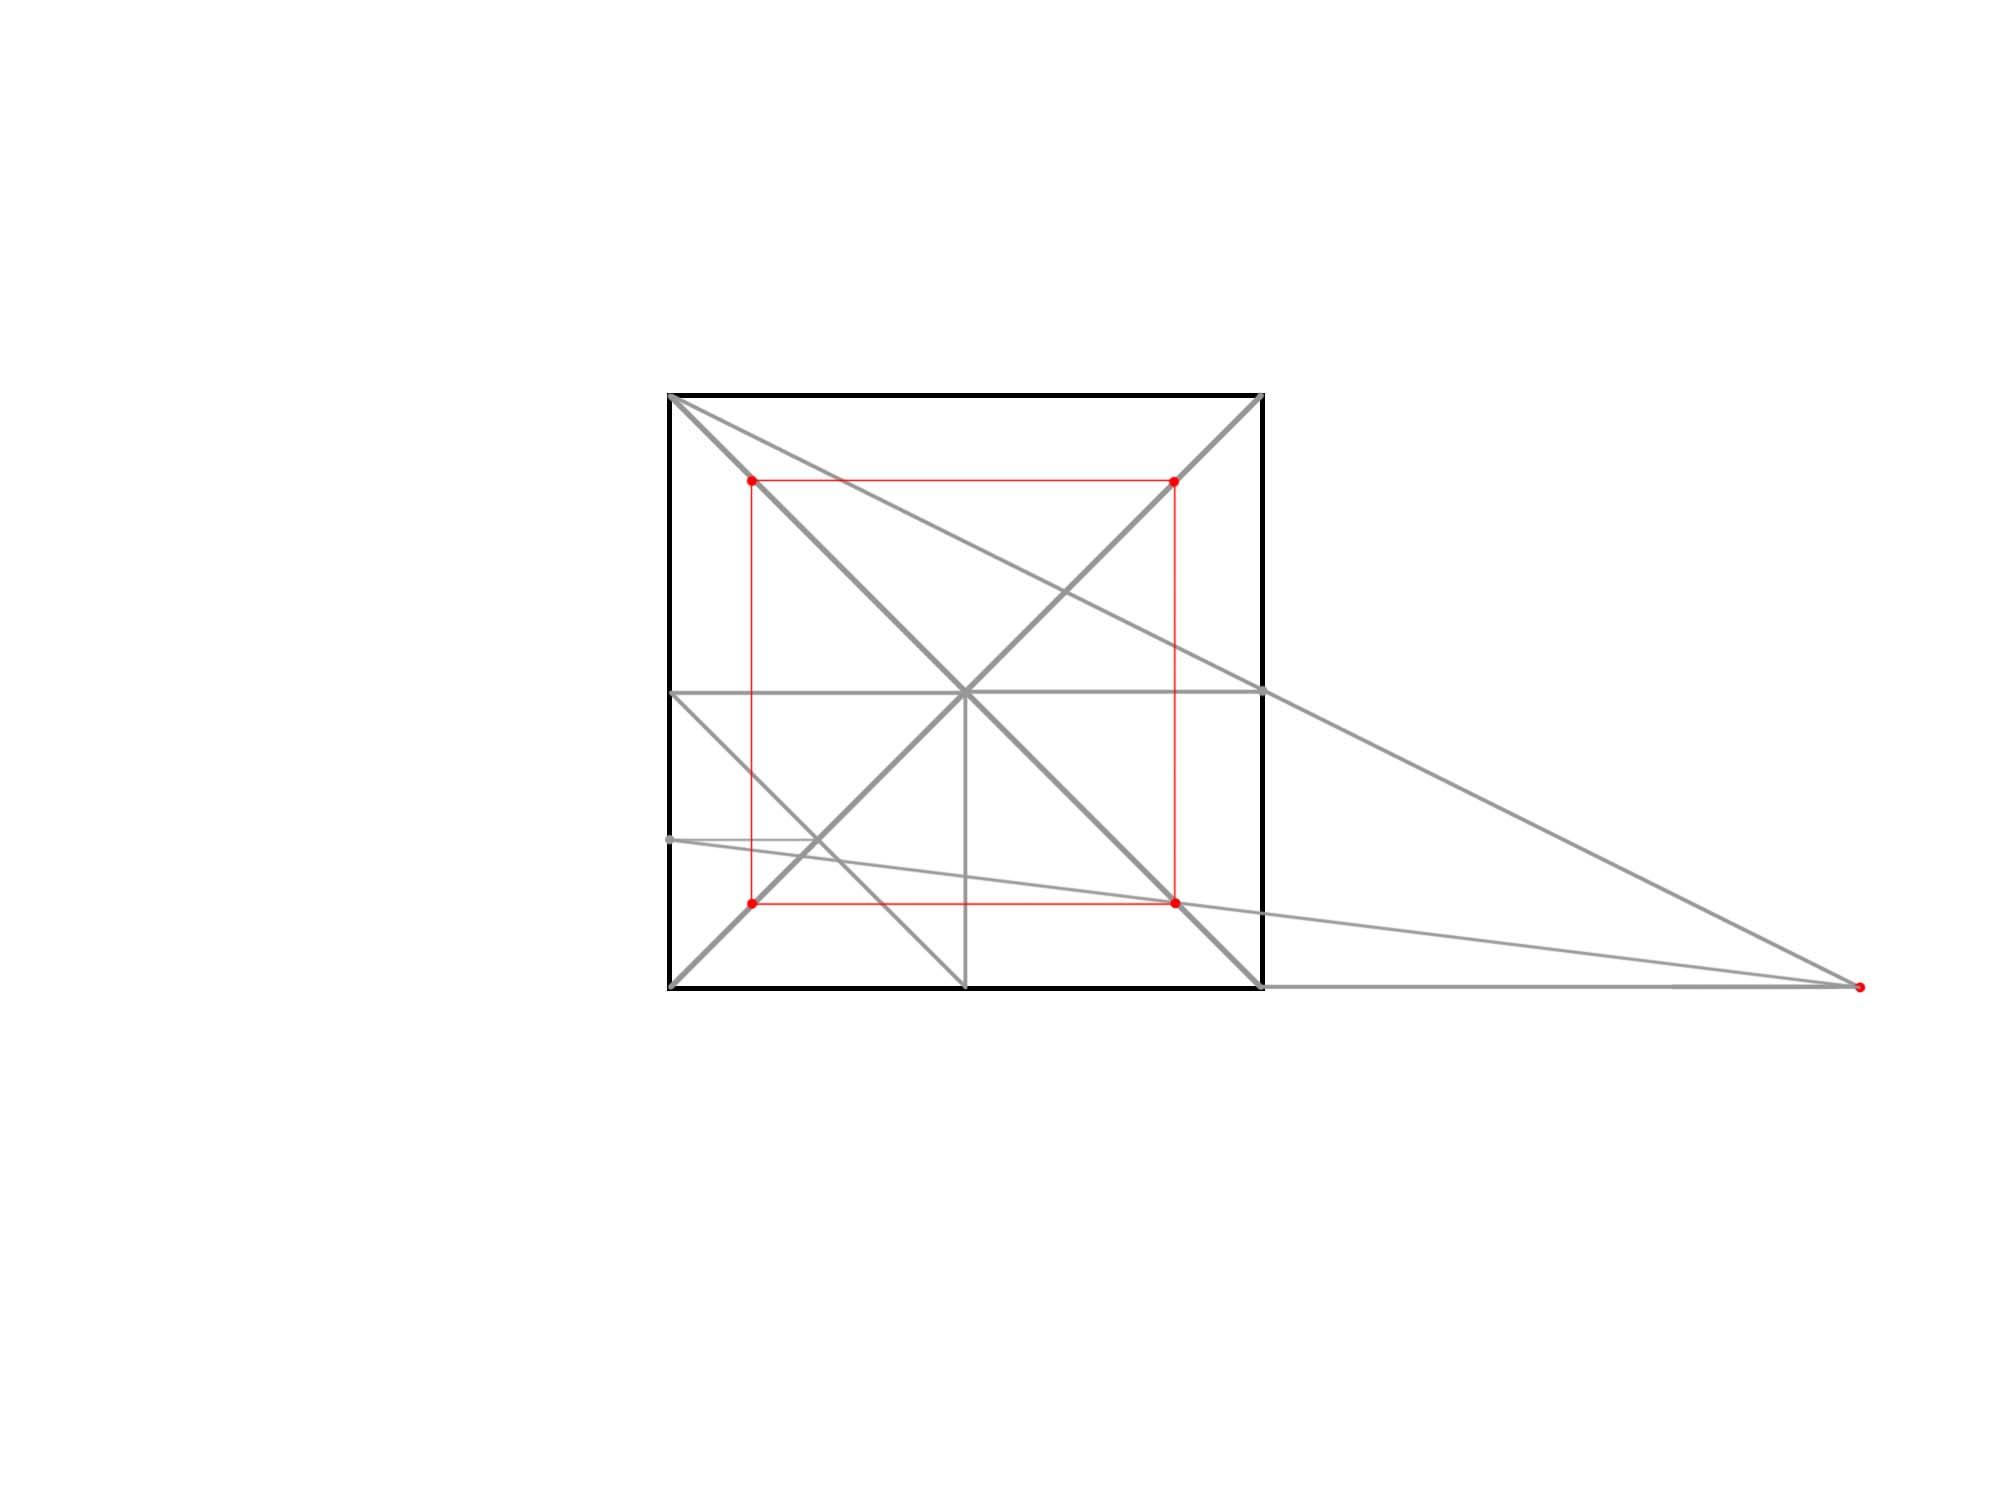 正方形を使って円を描く⑥